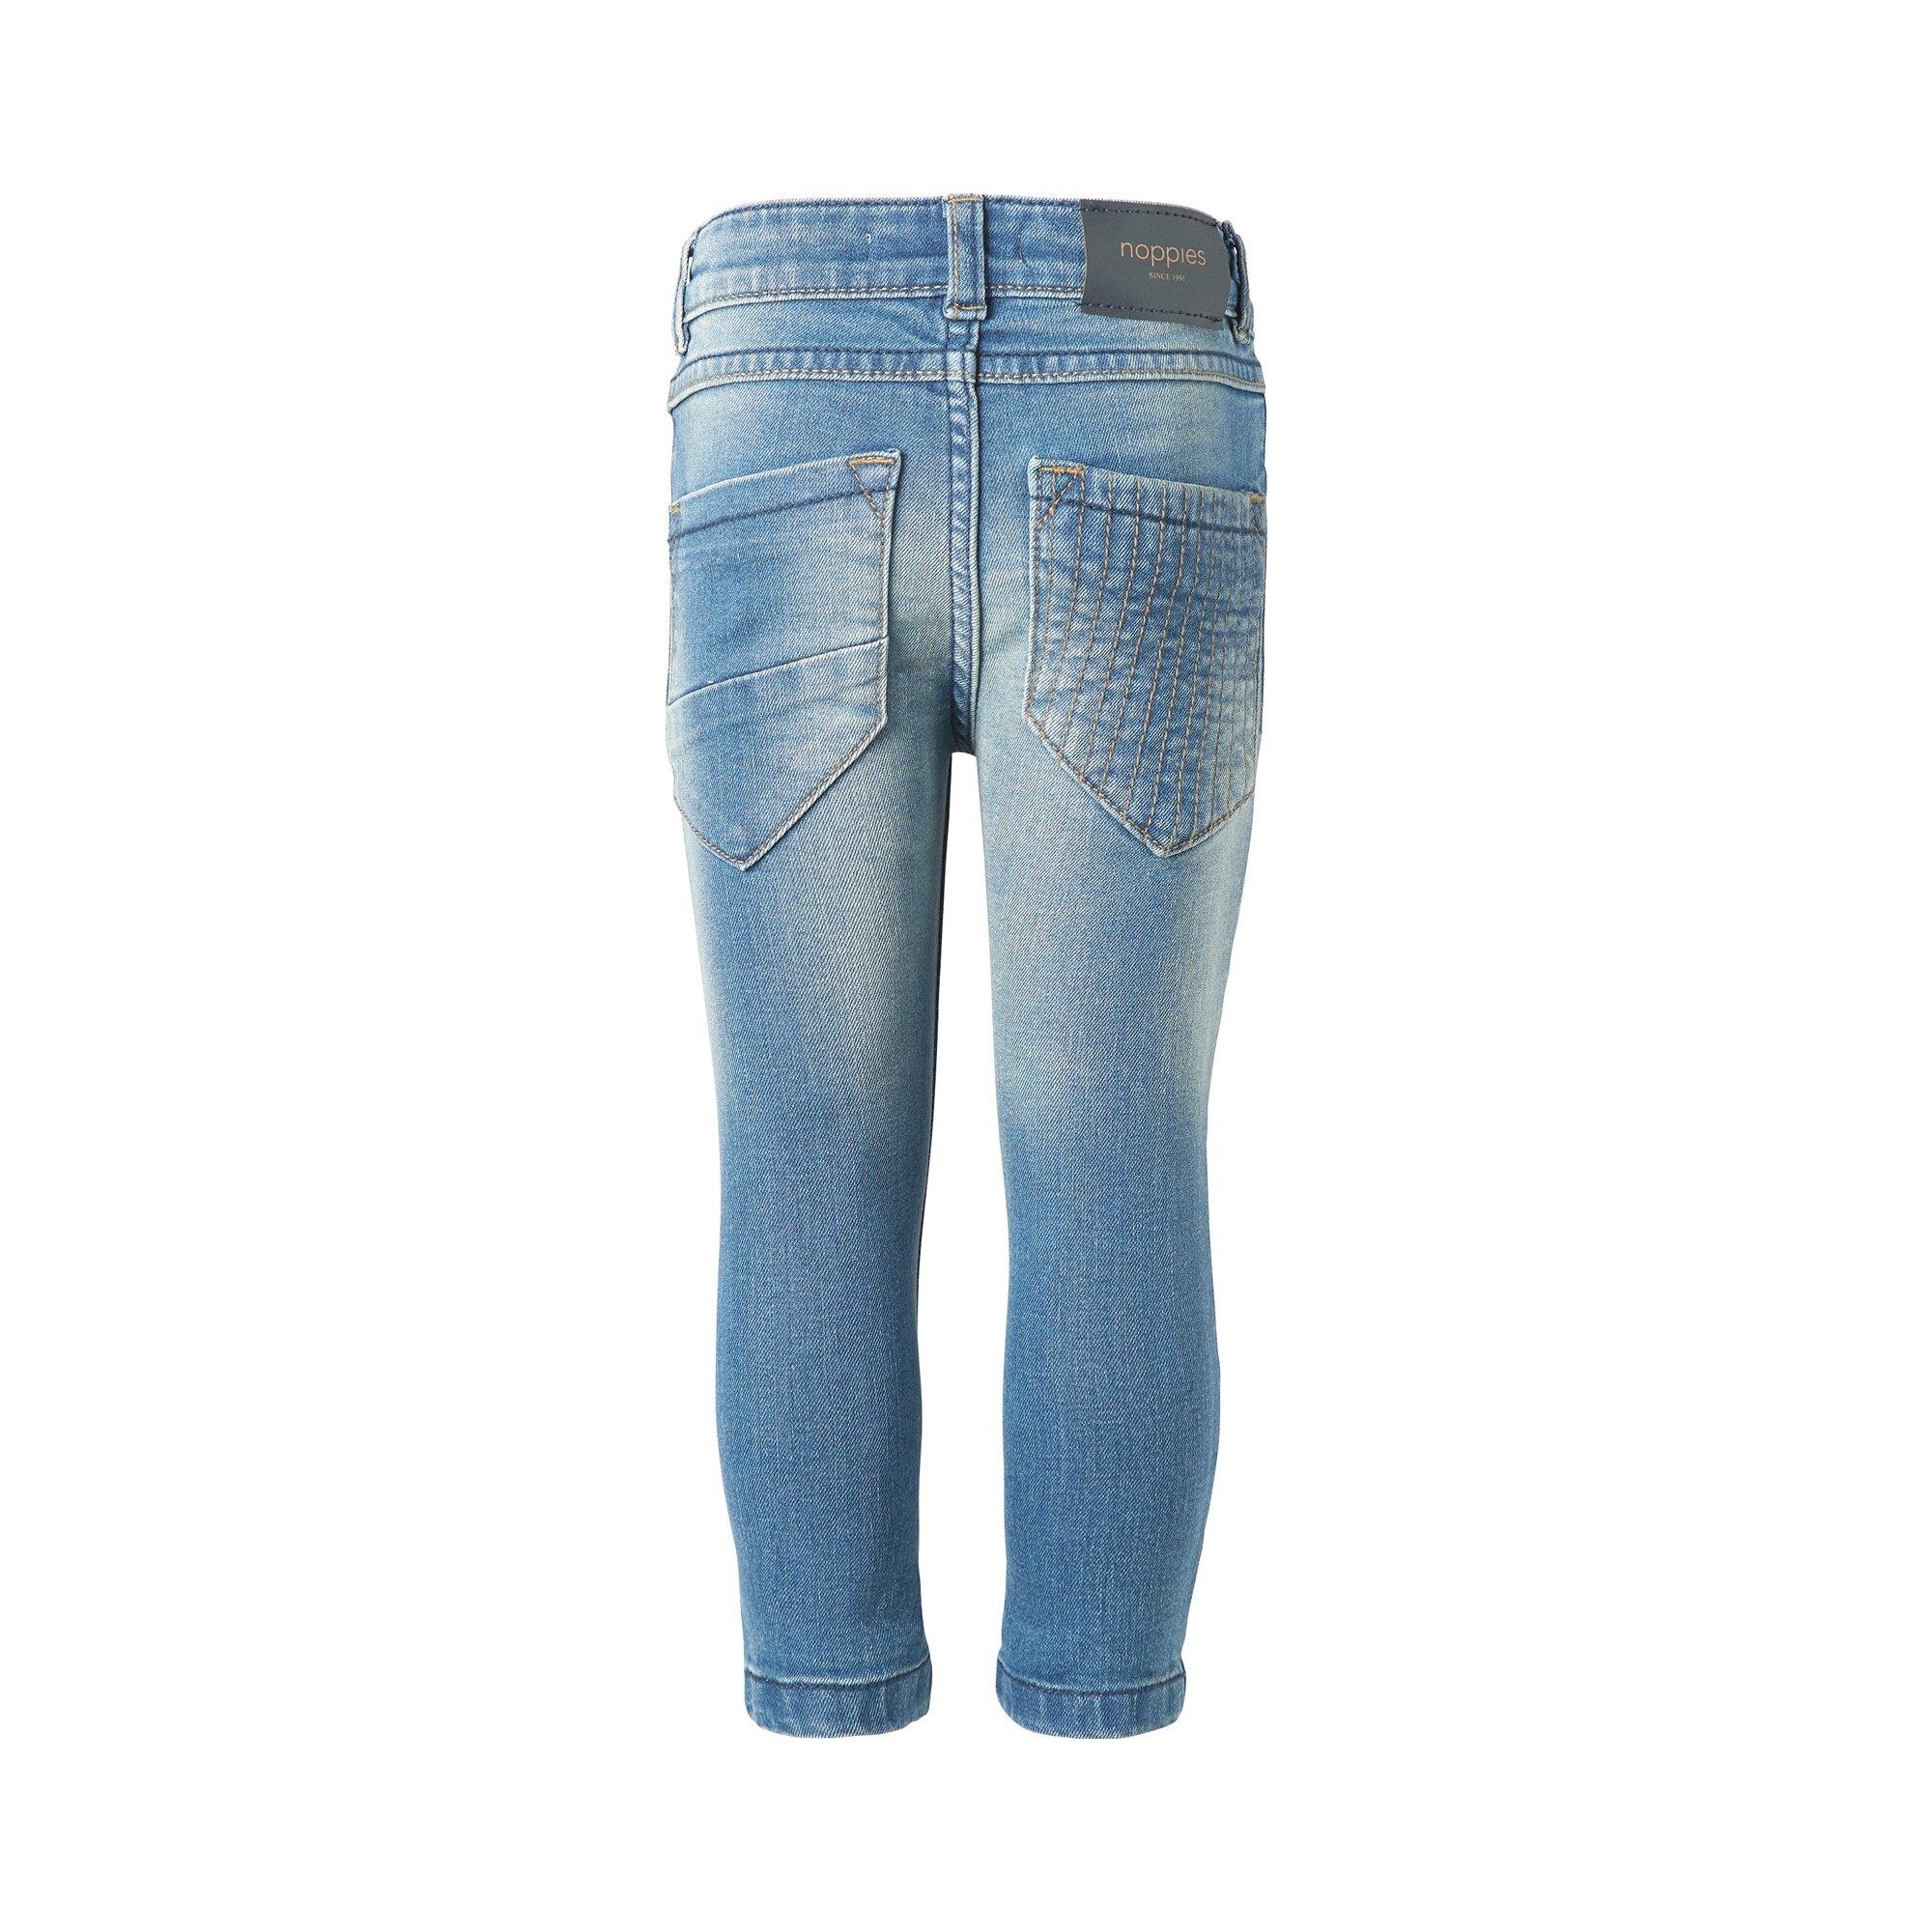 noppies-jeans-slim-landas